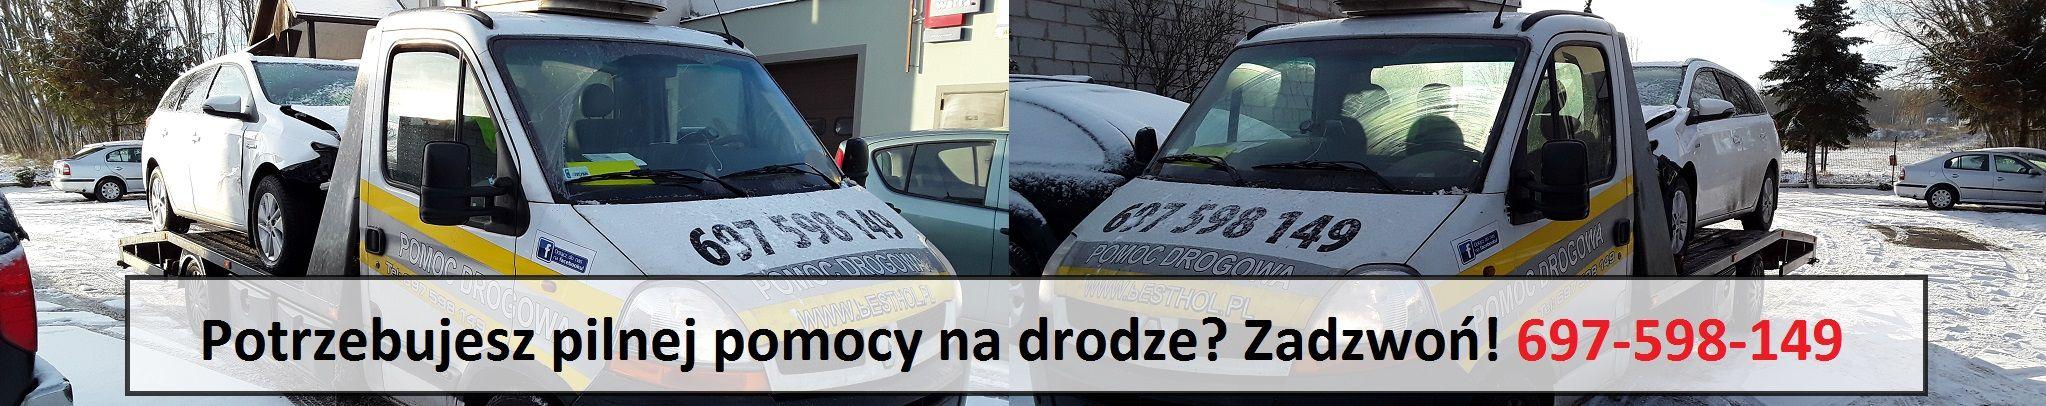 Profesjonalna i tania pomoc drogowa w Warszawie 3